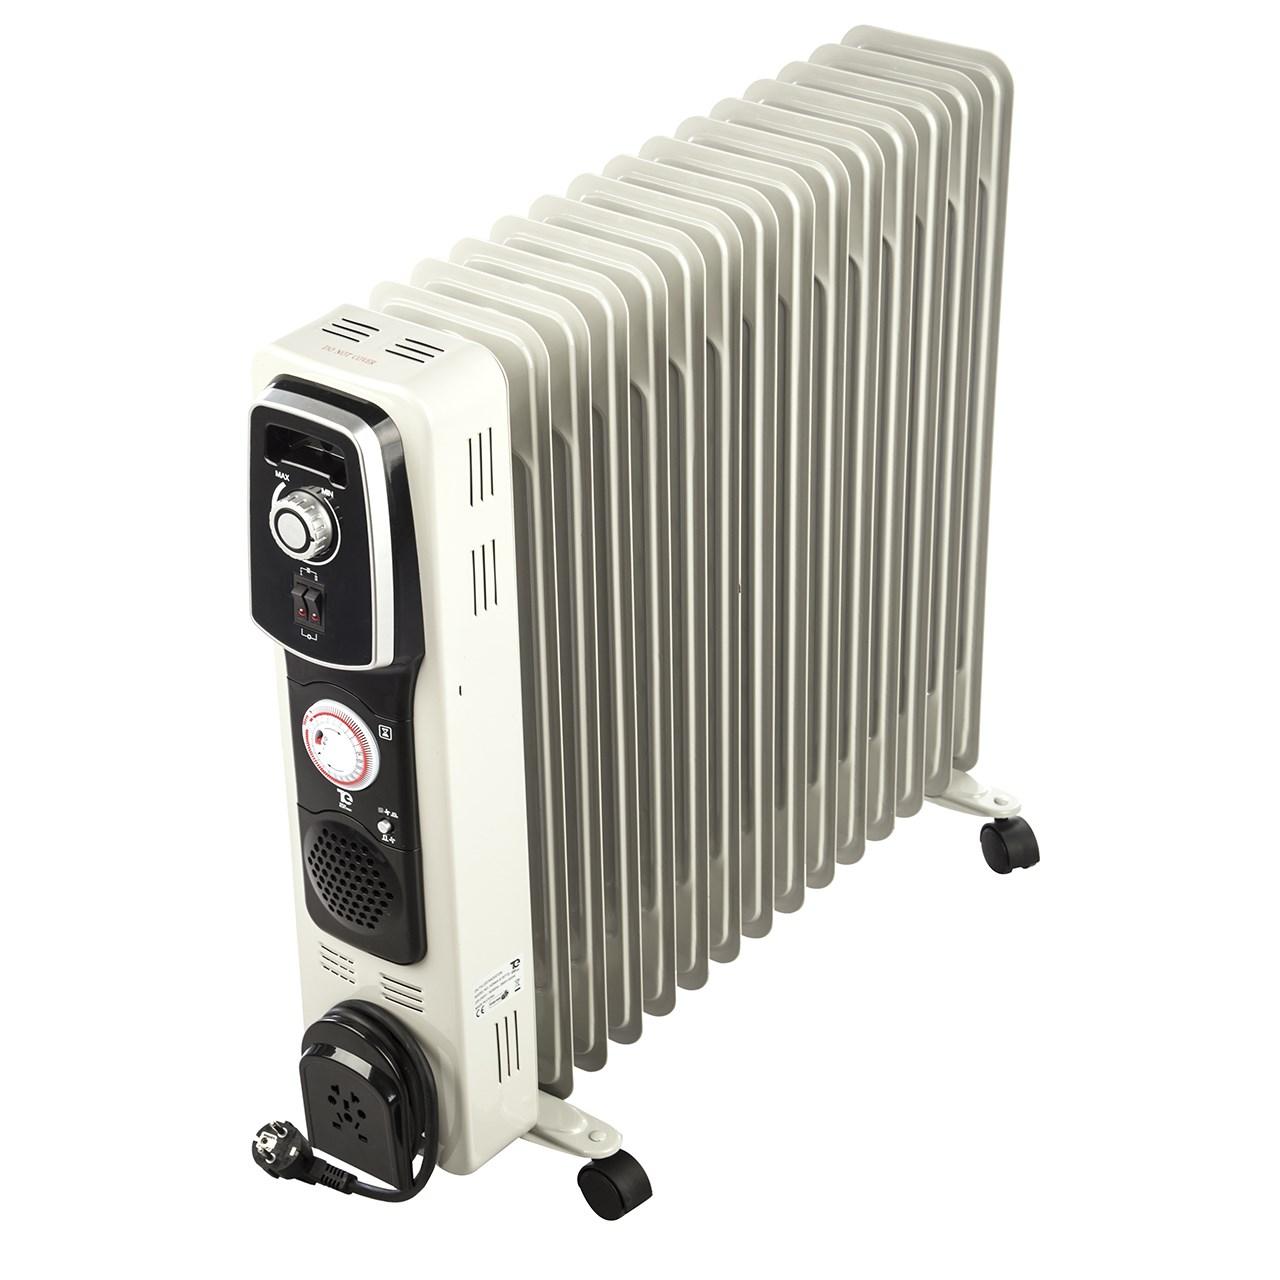 شوفاژ برقی تک الکتریک مدل RA1108-15FW